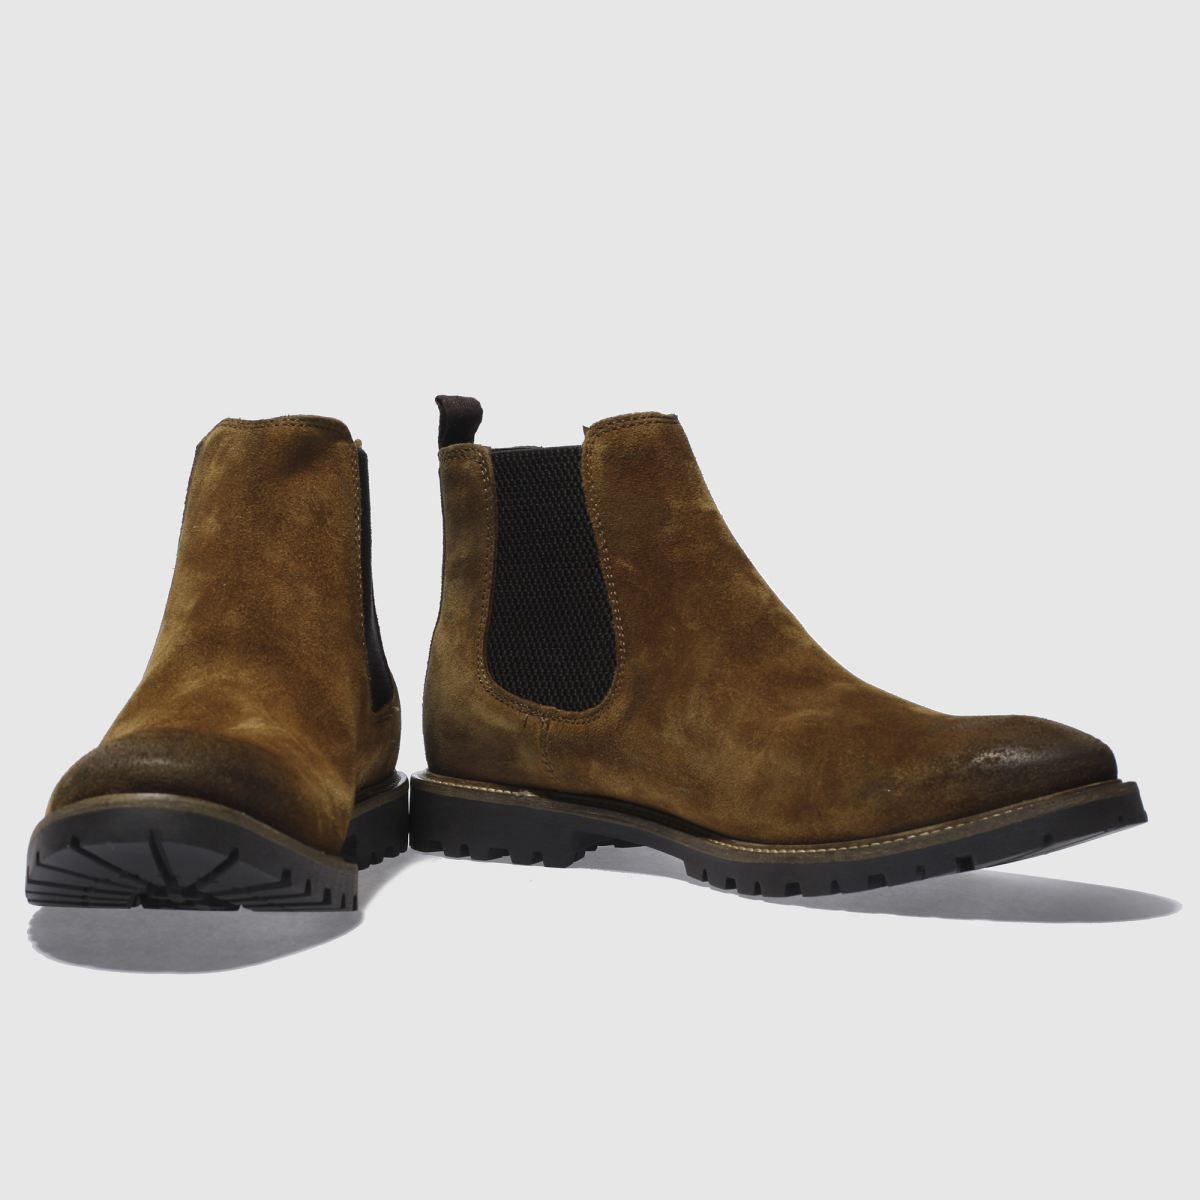 Herren Hellbraun base Qualität london Turret Boots | schuh Gute Qualität base beliebte Schuhe 111478